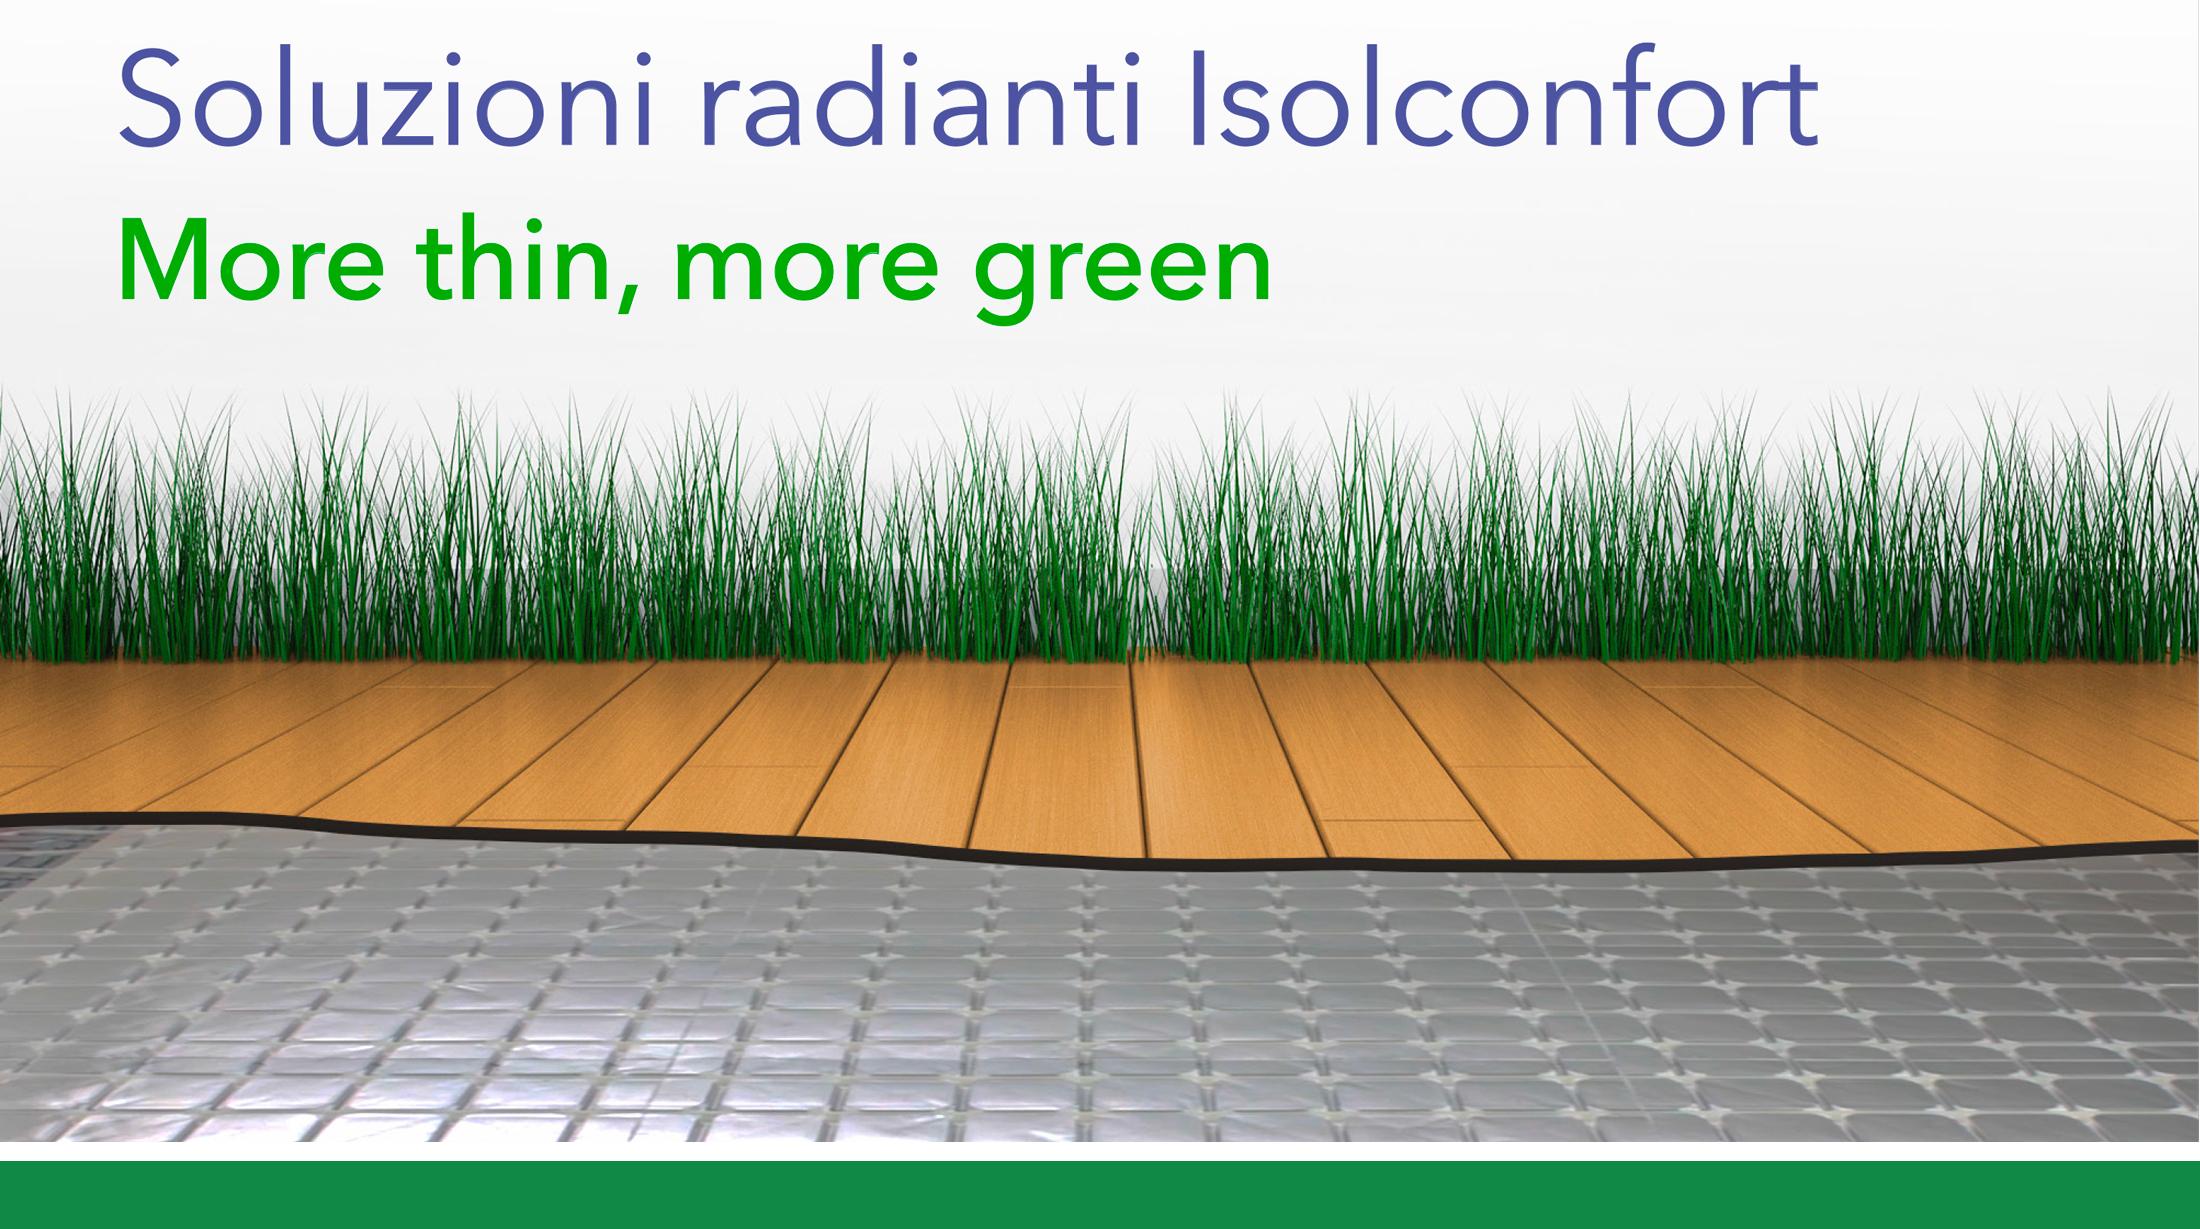 Ottimizzare Riscaldamento A Pavimento soluzioni radianti a pavimento e soffitto | isolconfort